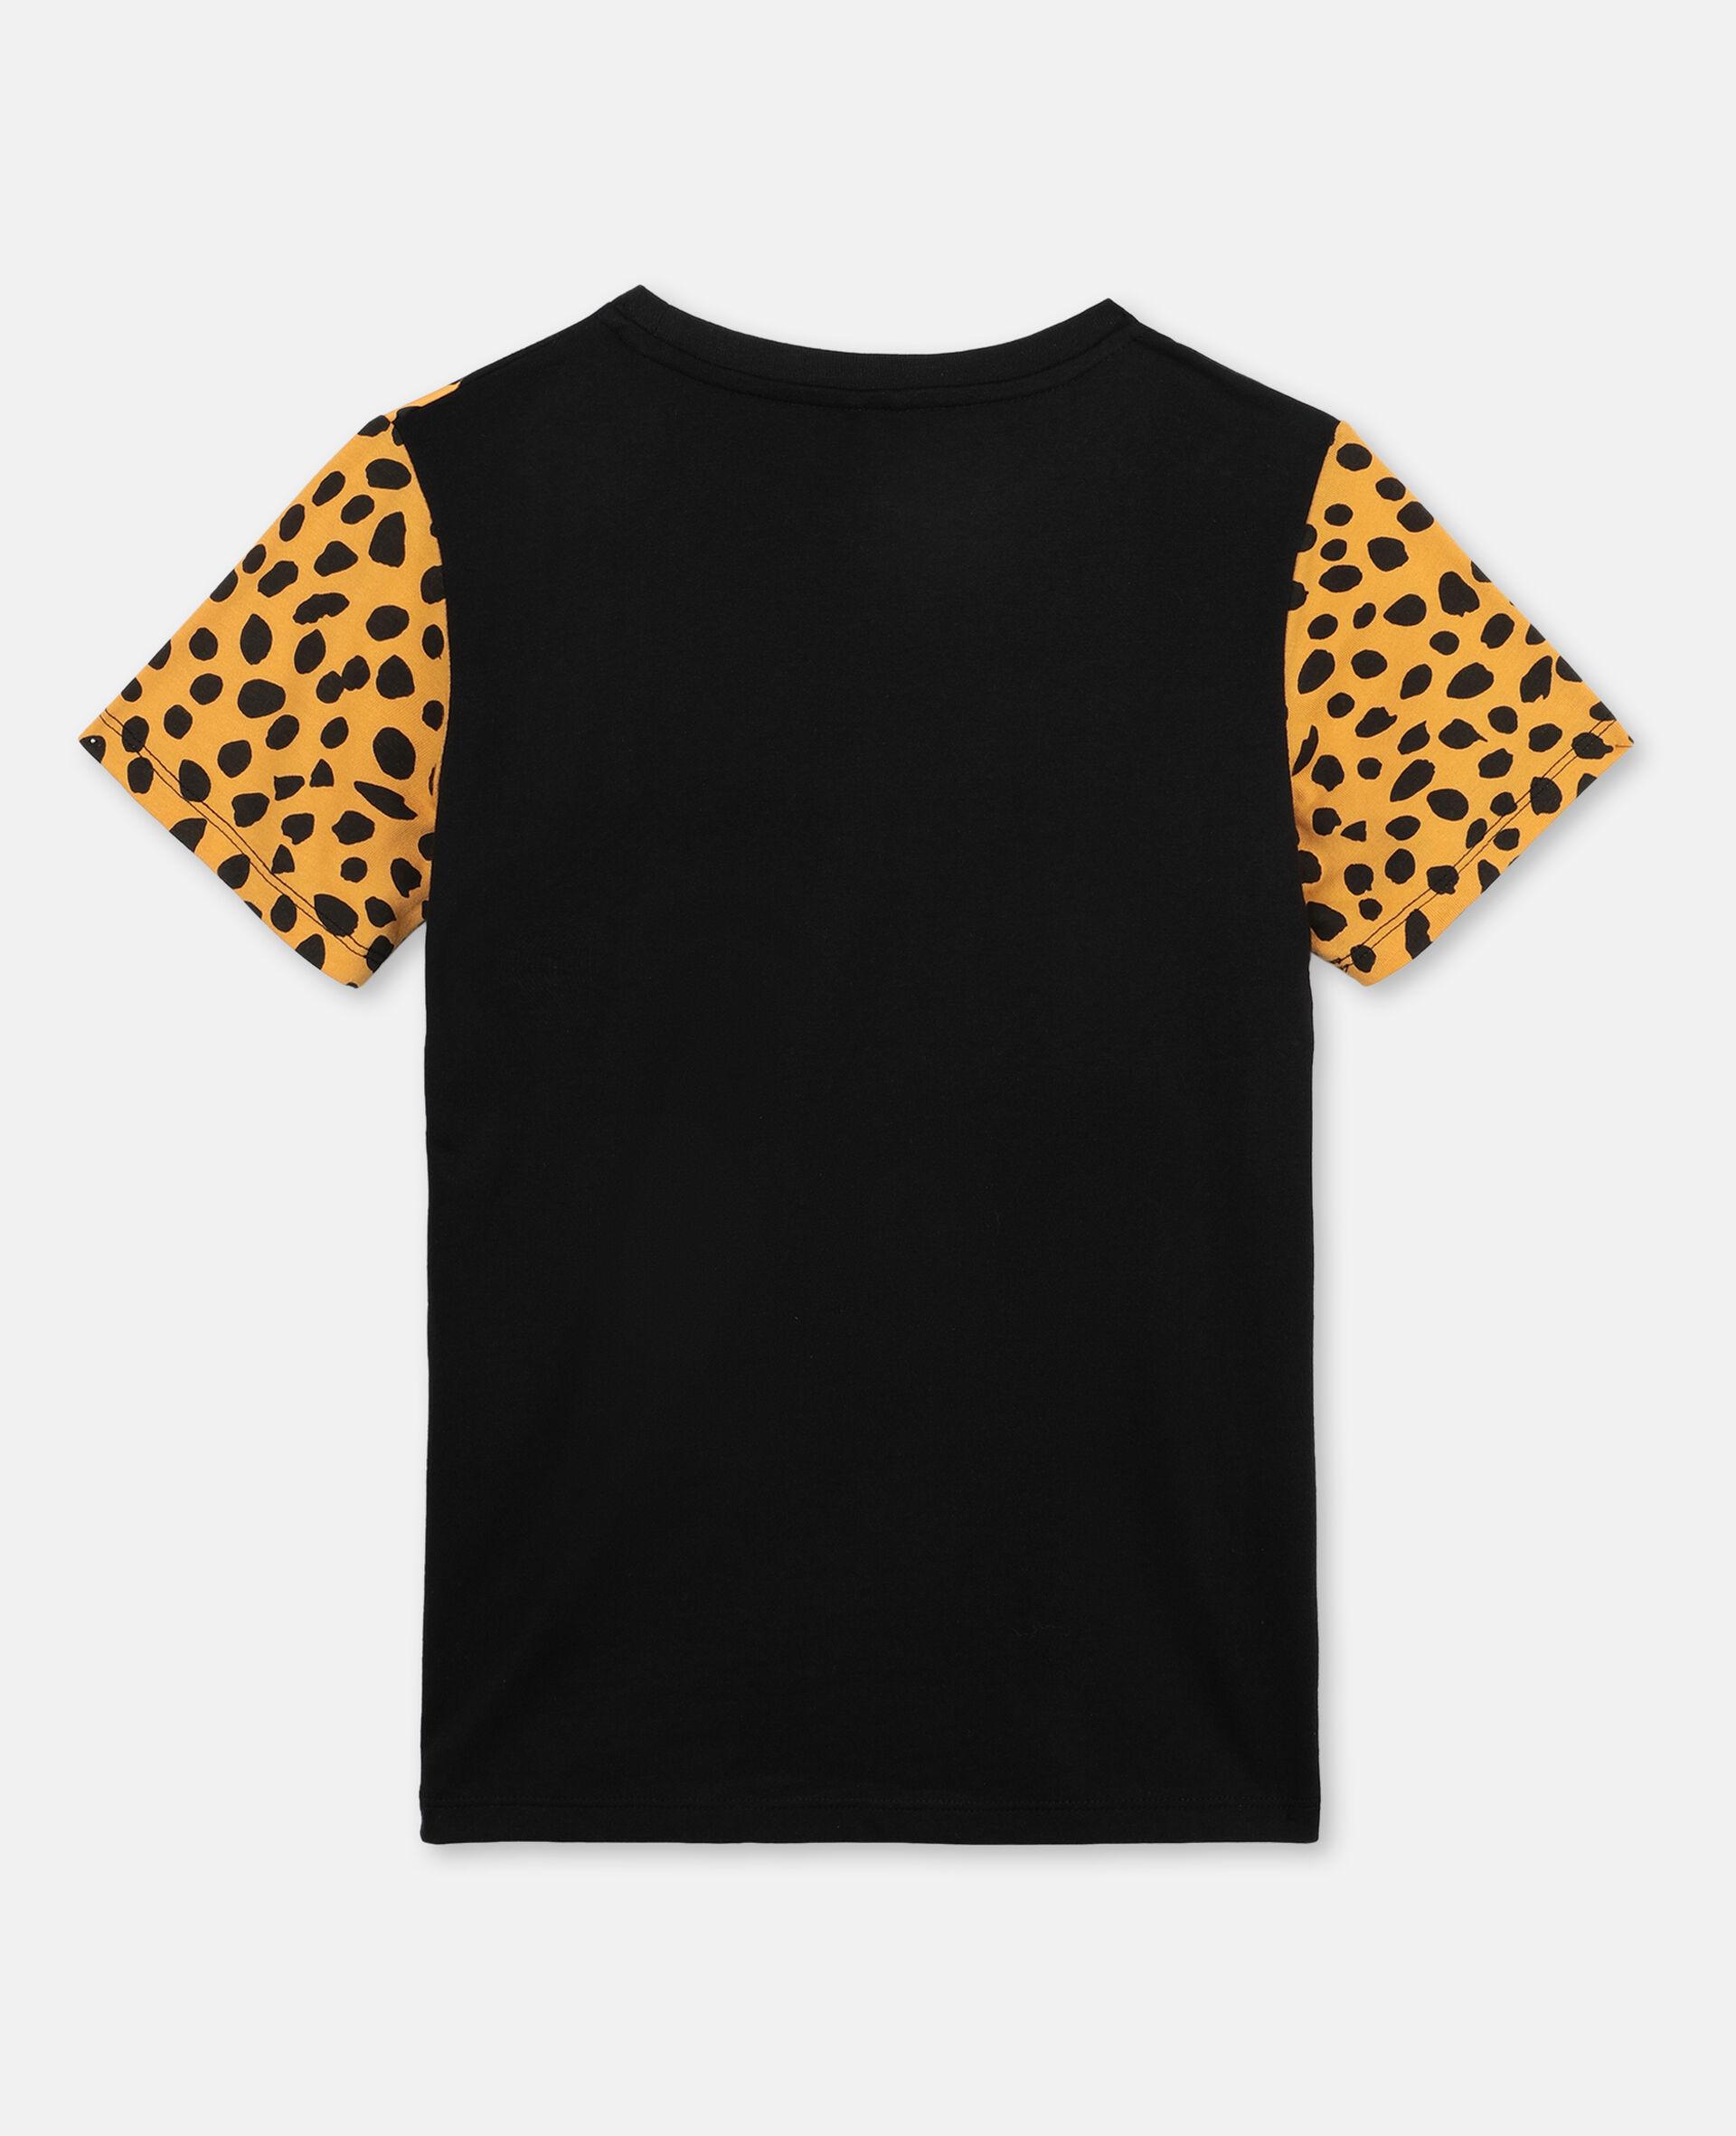 Cheetah Cotton T-shirt-Black-large image number 3